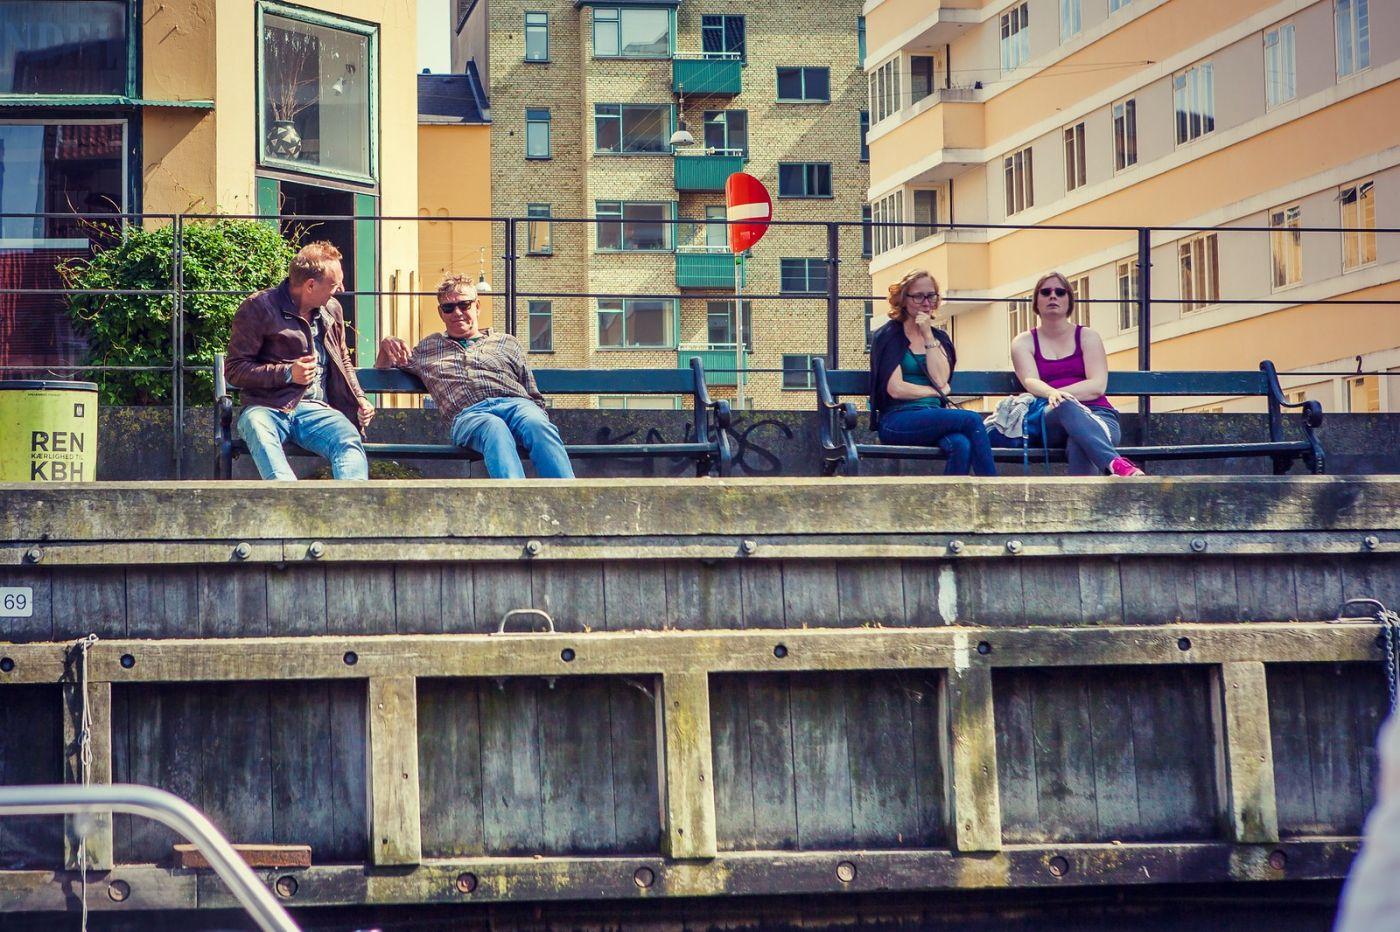 丹麥哥本哈根,生活可以是這樣的_圖1-10